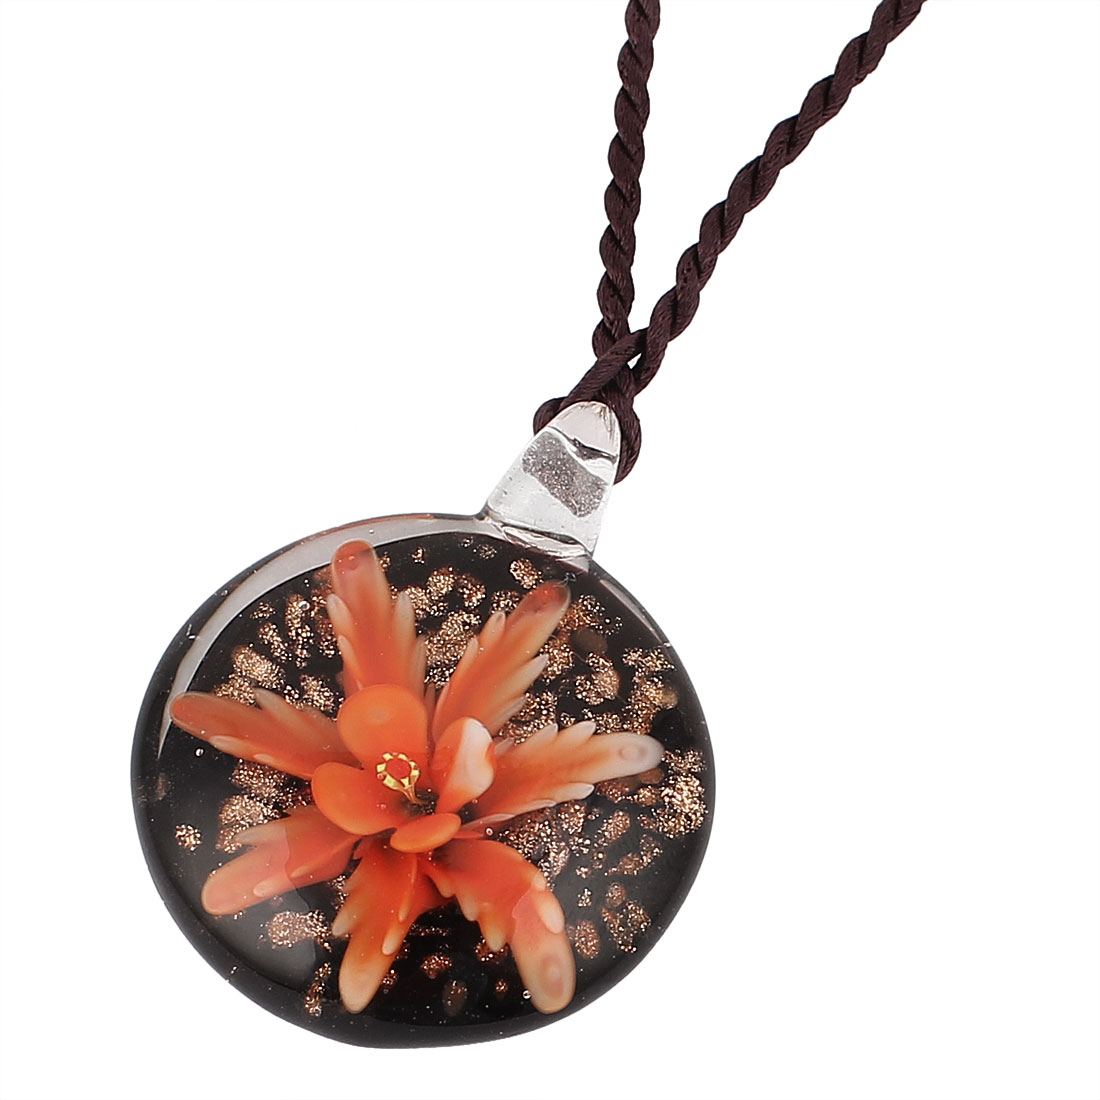 Glass Rhinestone Oval Shape Flower Pendant Necklace Orange Black for Lady - image 3 of 3